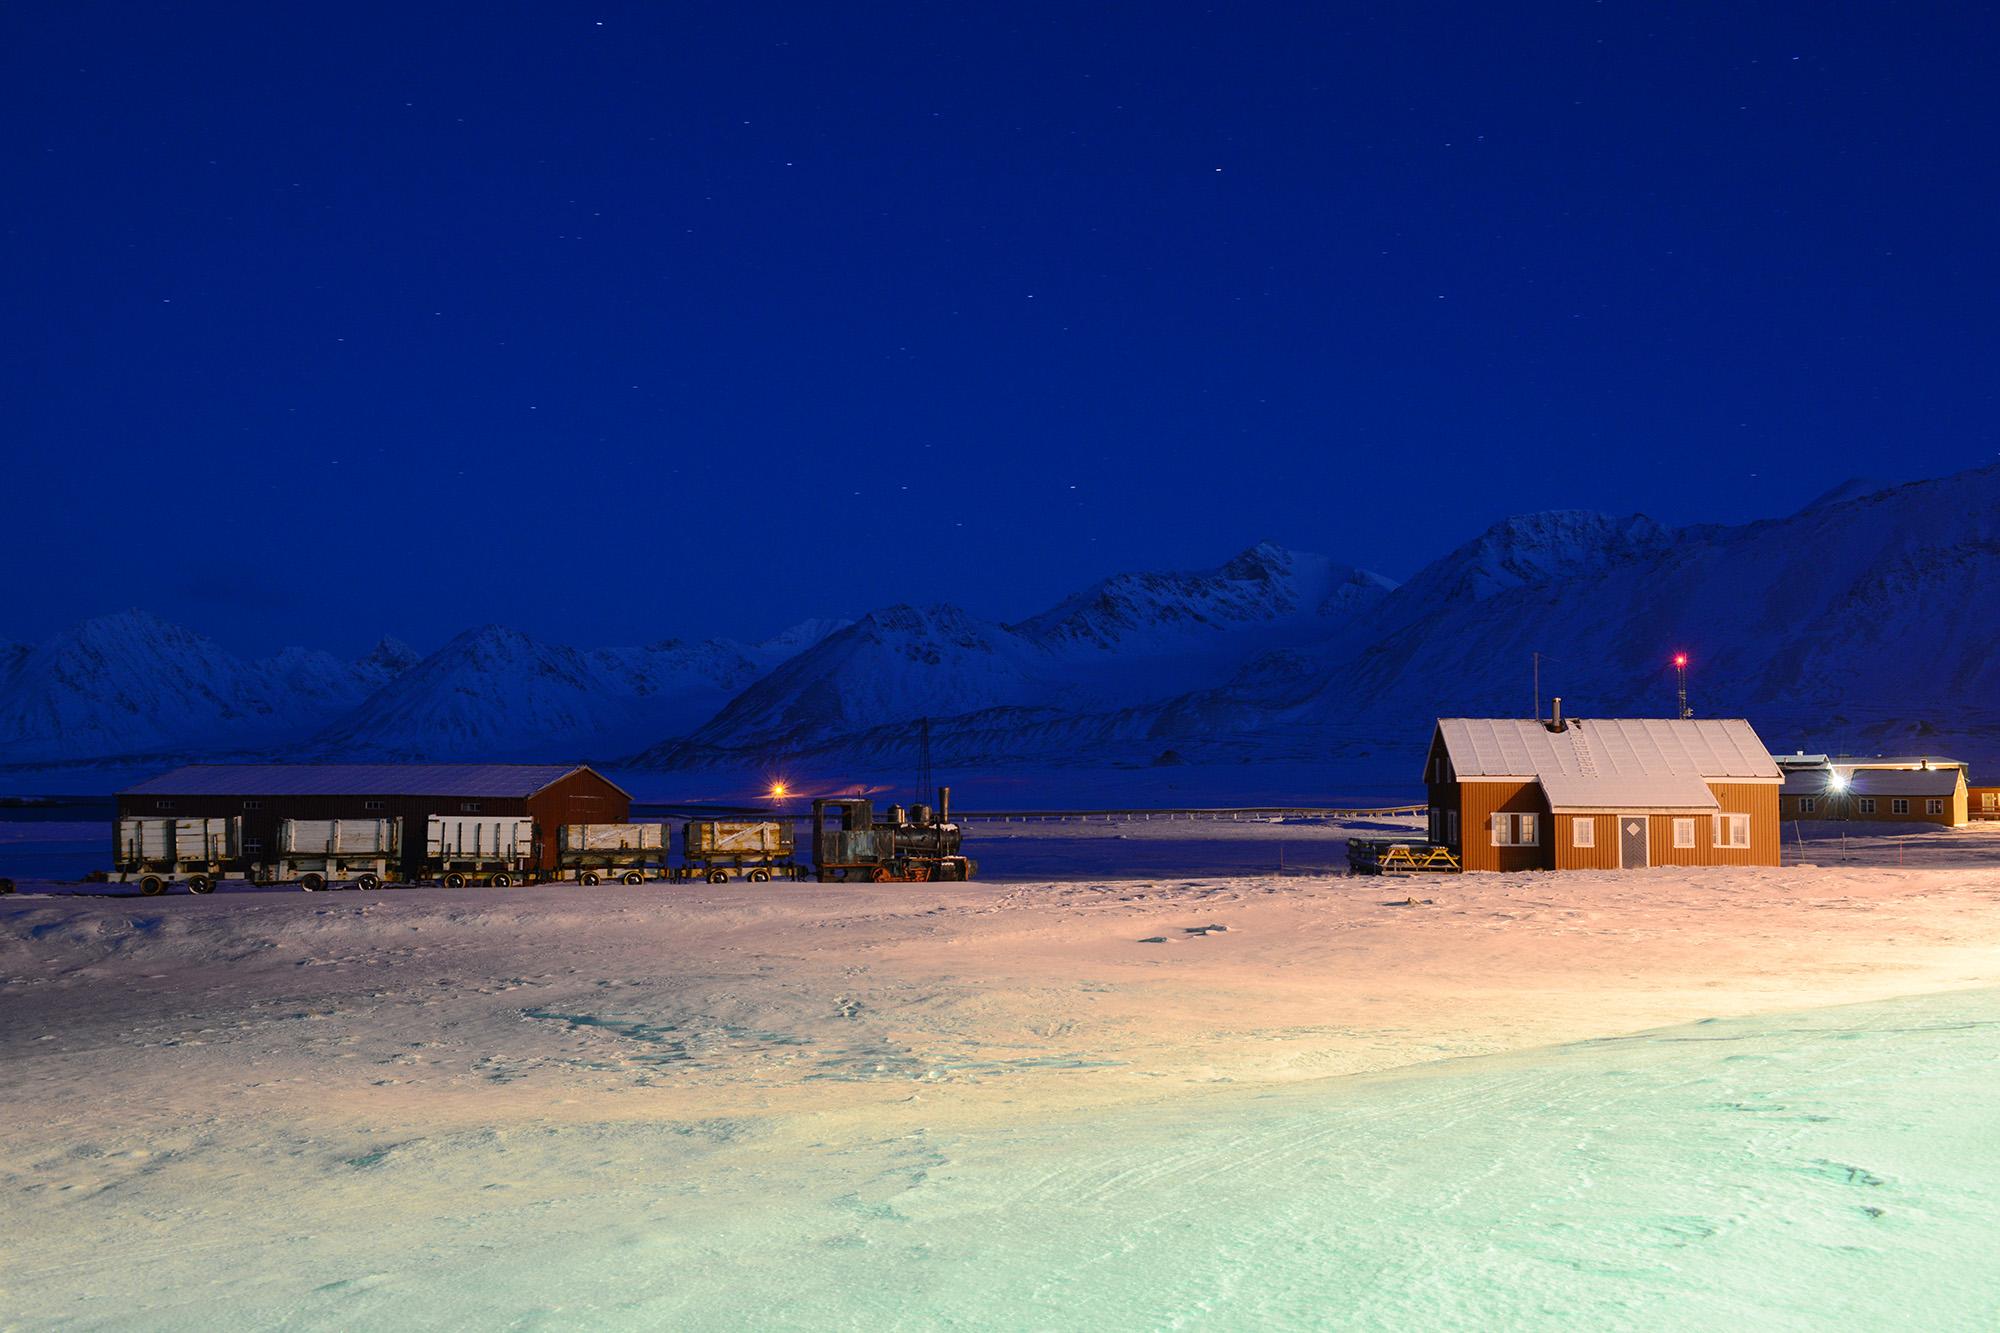 Ny-Alesund, Spitsbergen, Svalbard 3 61x7